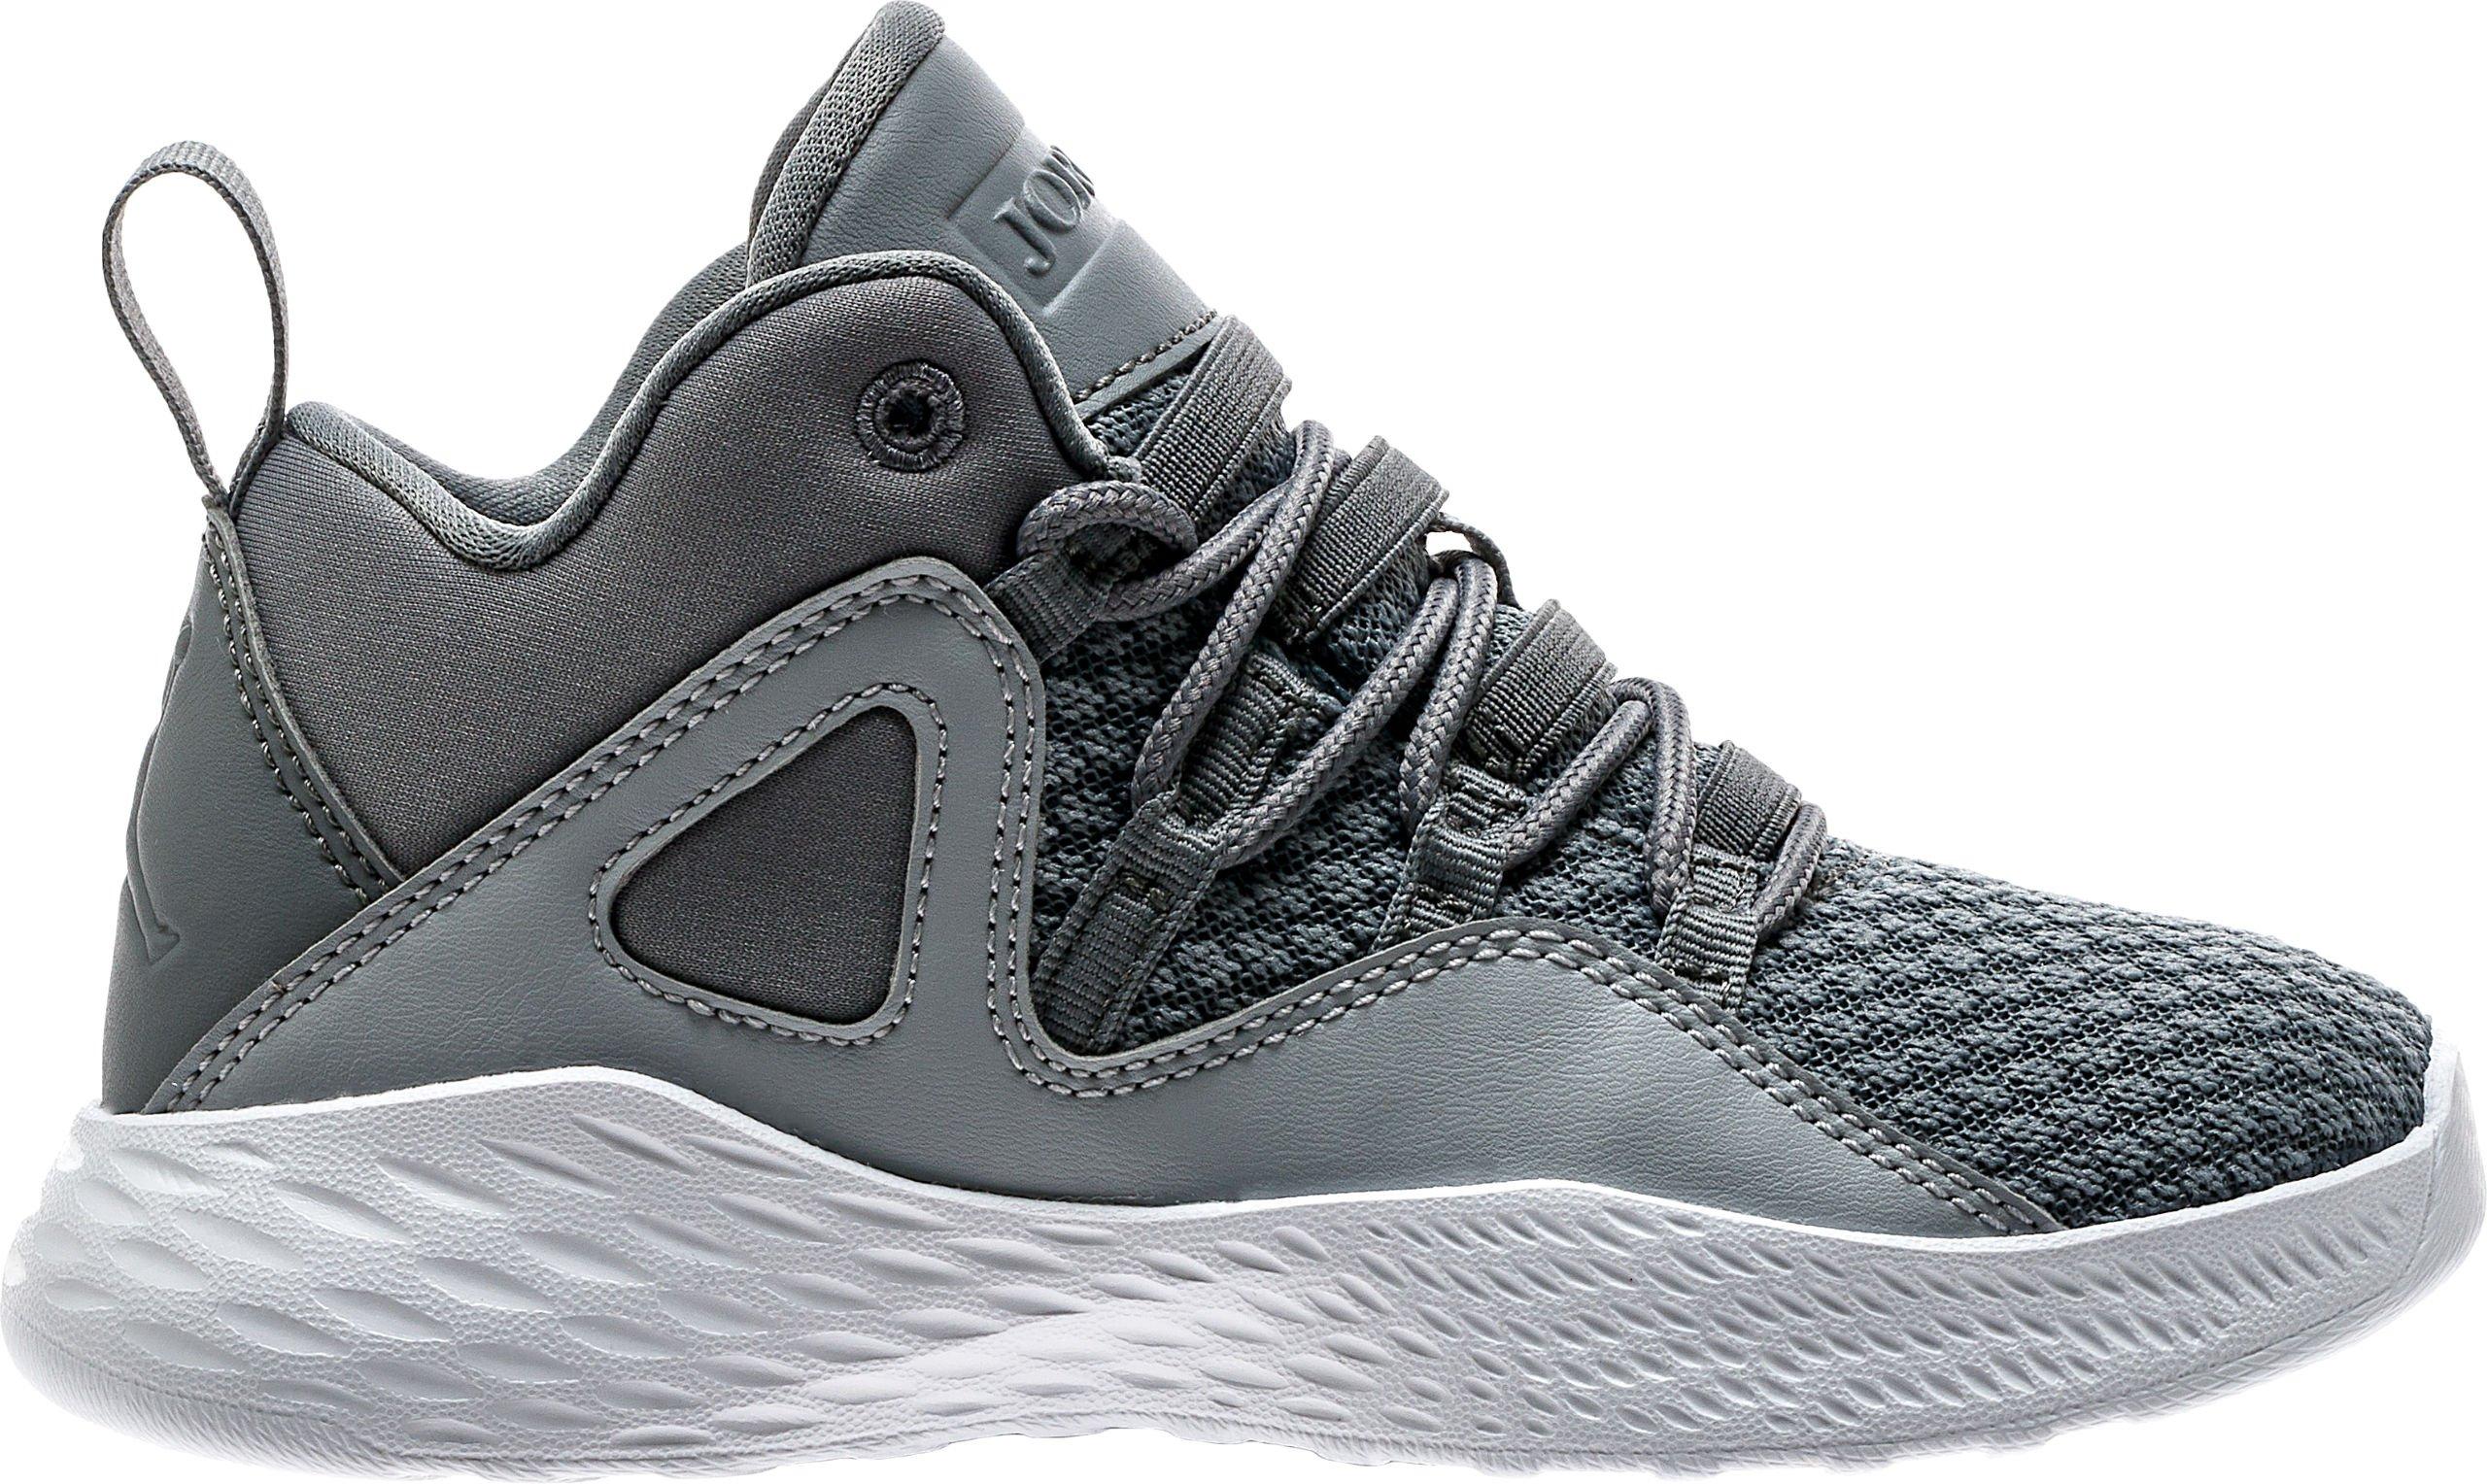 Jordan Boy's Formula 23 Basketball Shoes Cool Grey/Cool Grey-White-Wolf Grey 3Y